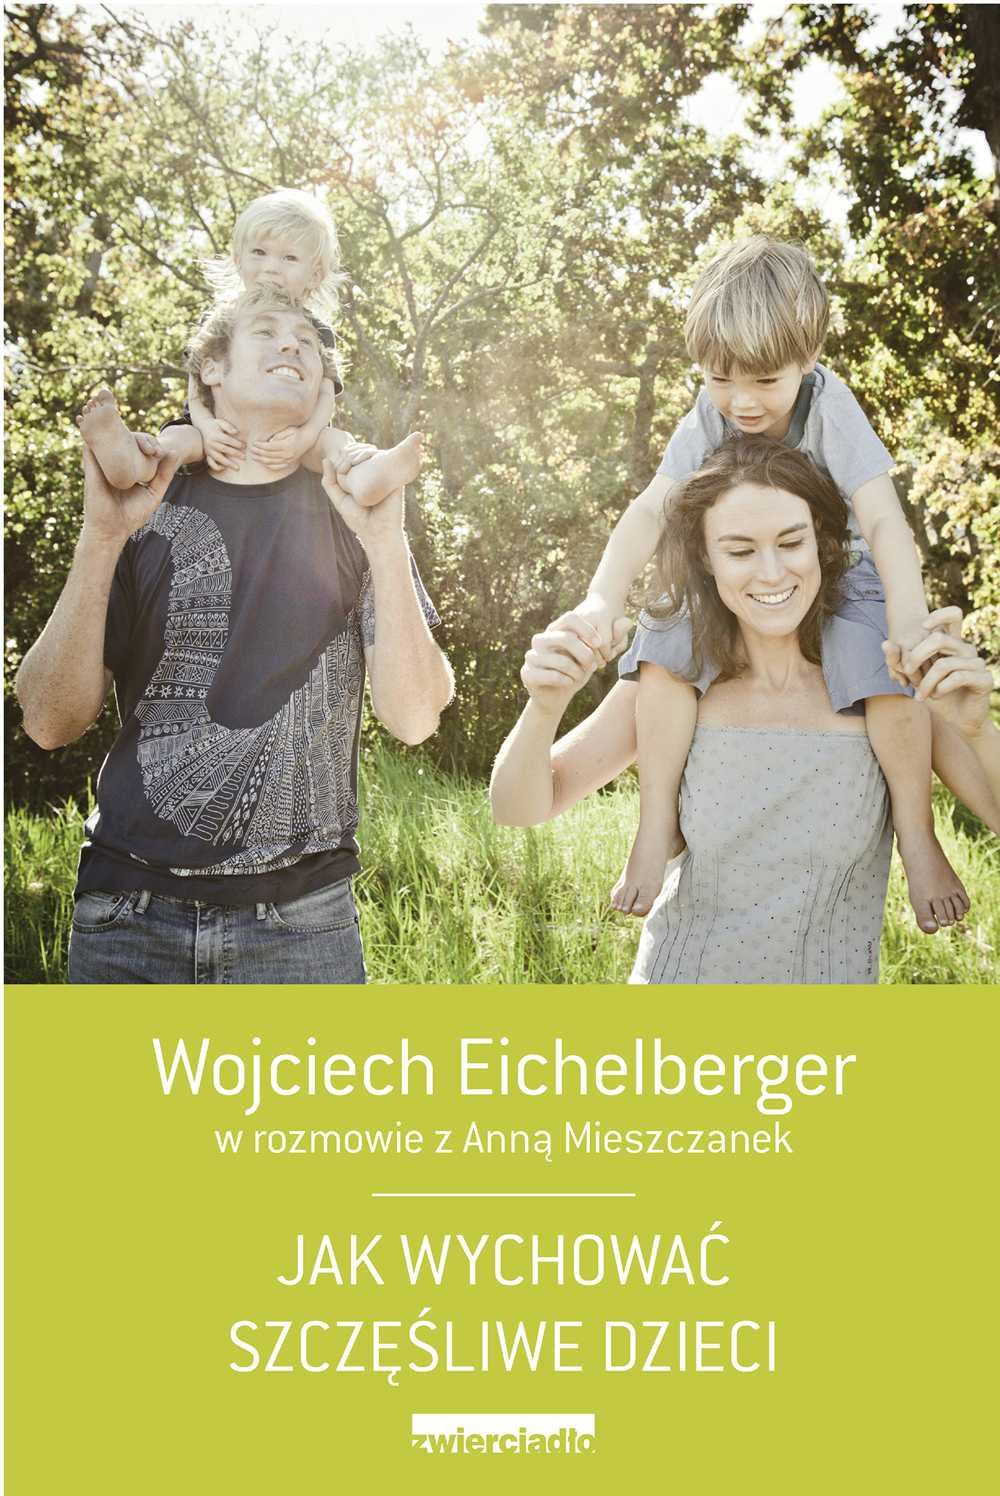 Jak wychować szczęśliwe dzieci - Ebook (Książka EPUB) do pobrania w formacie EPUB